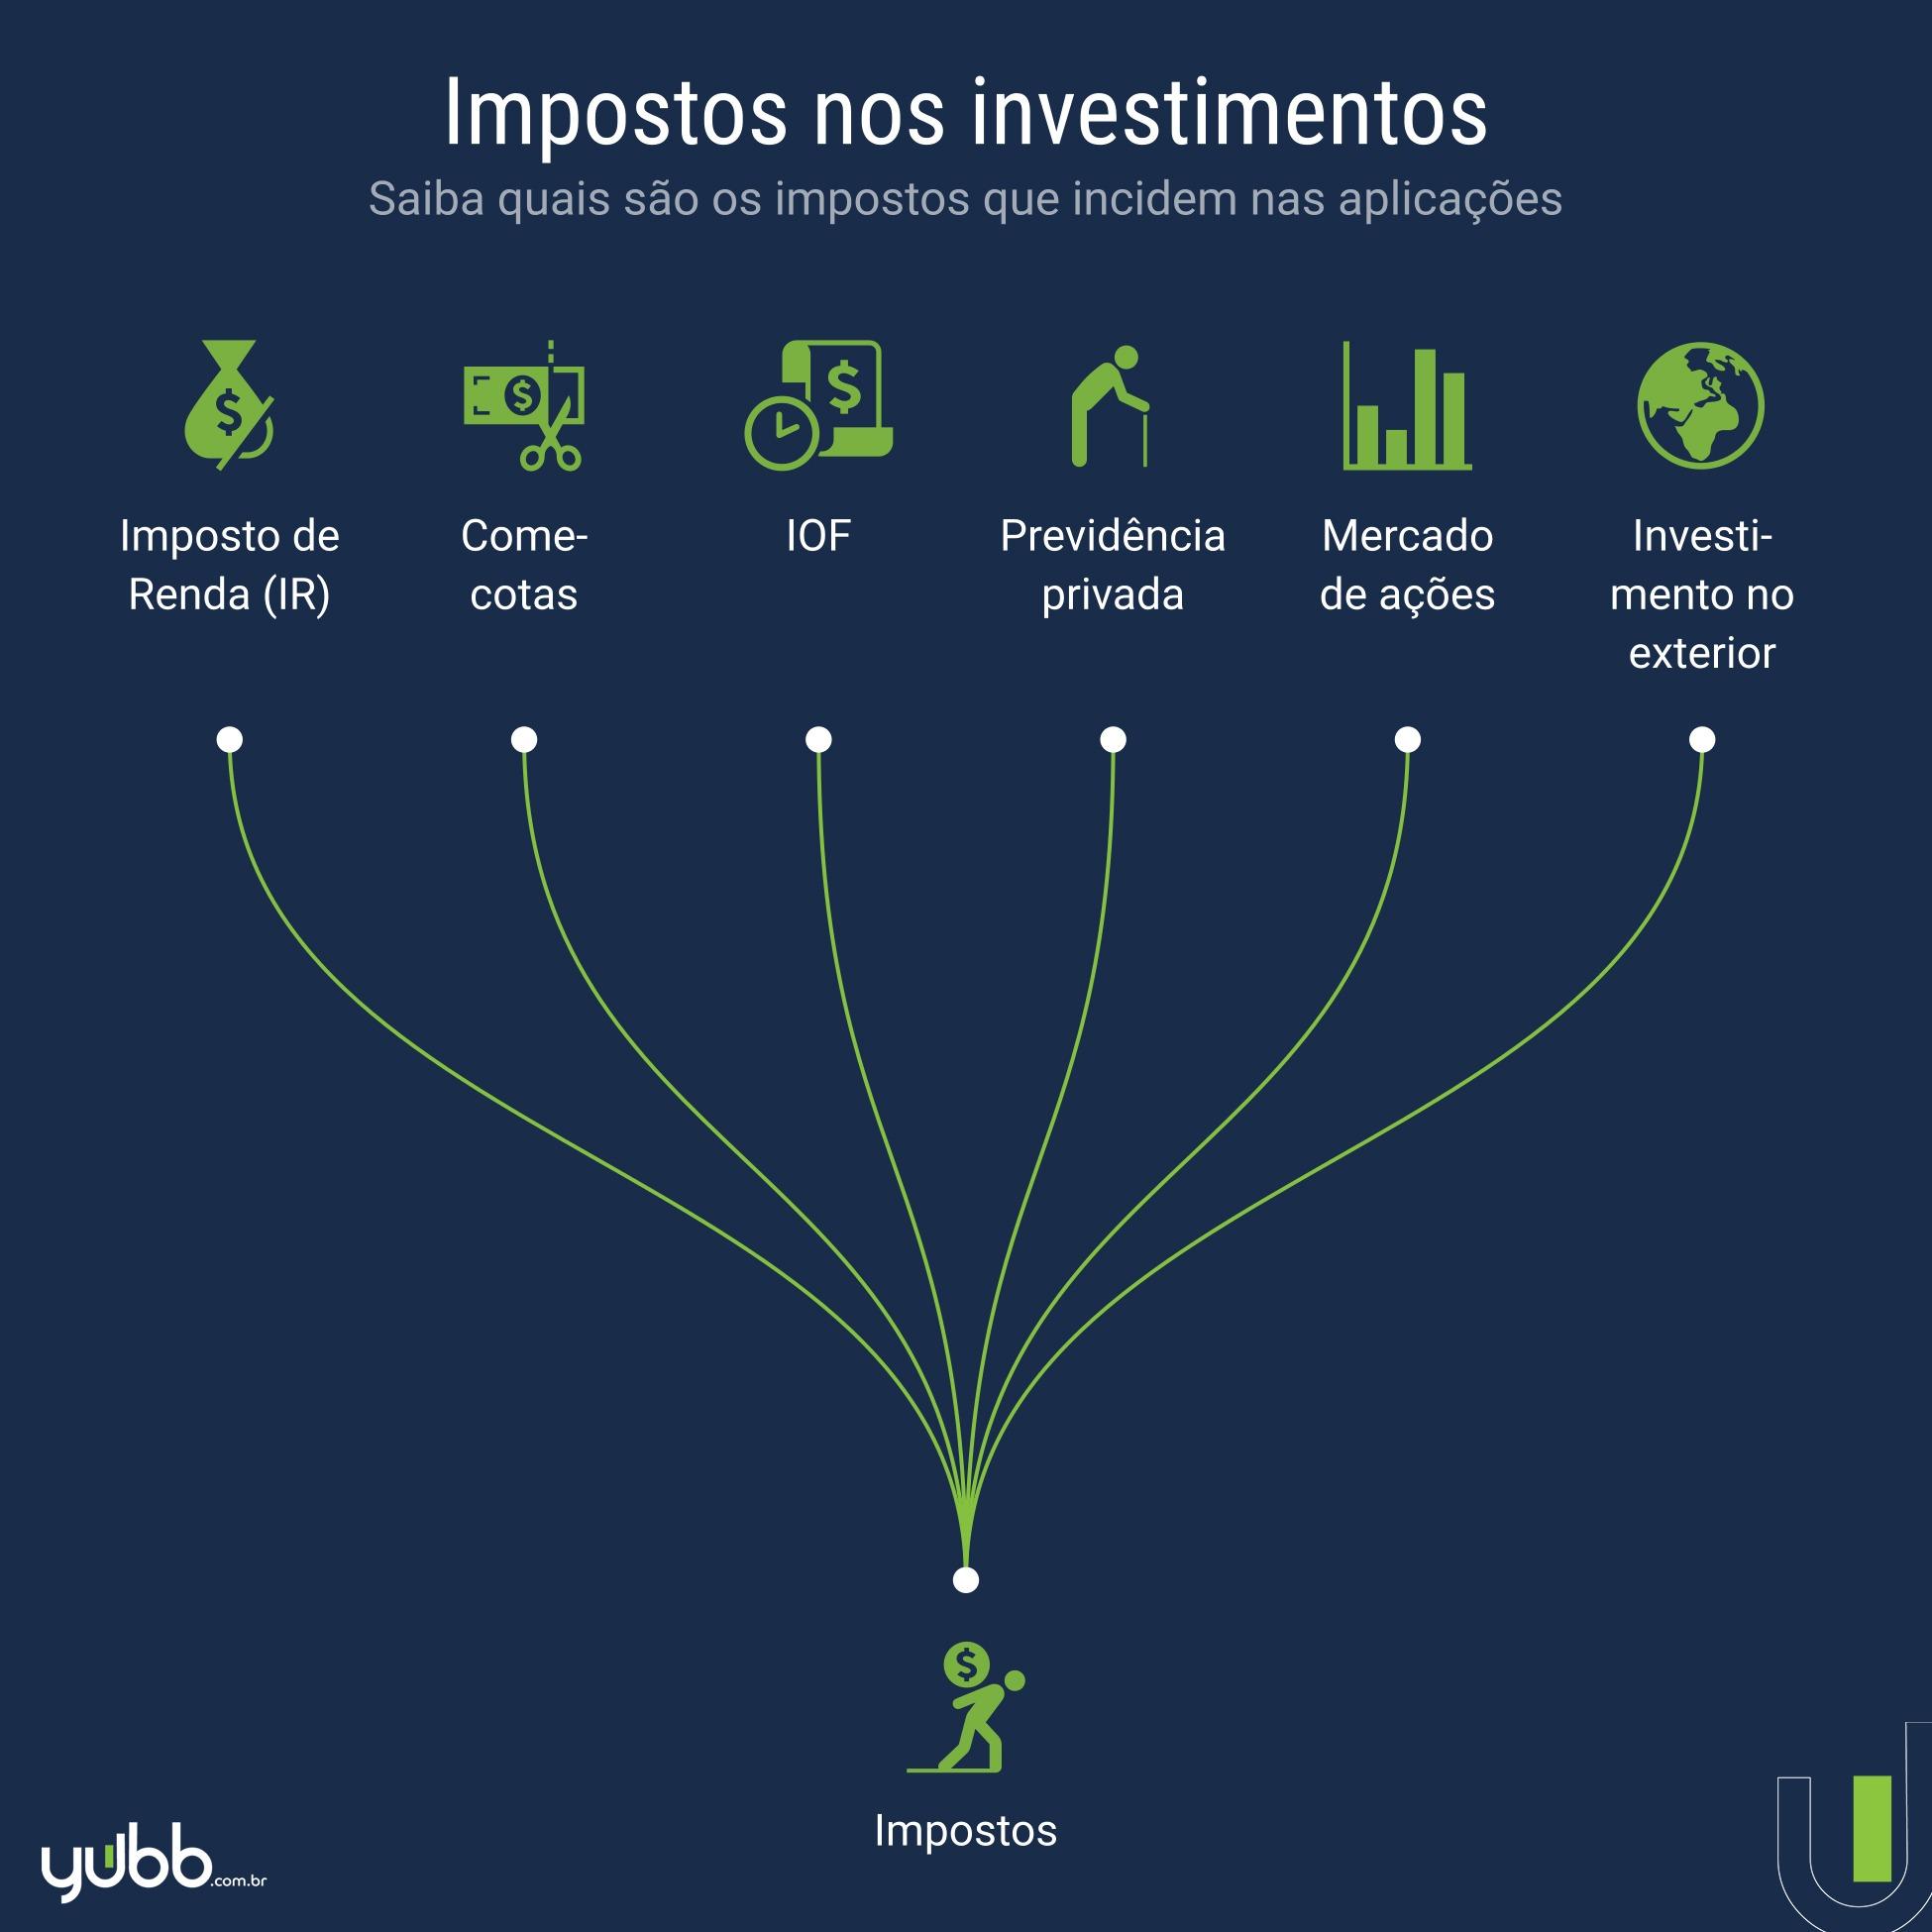 quais são os impostos dos investimentos?